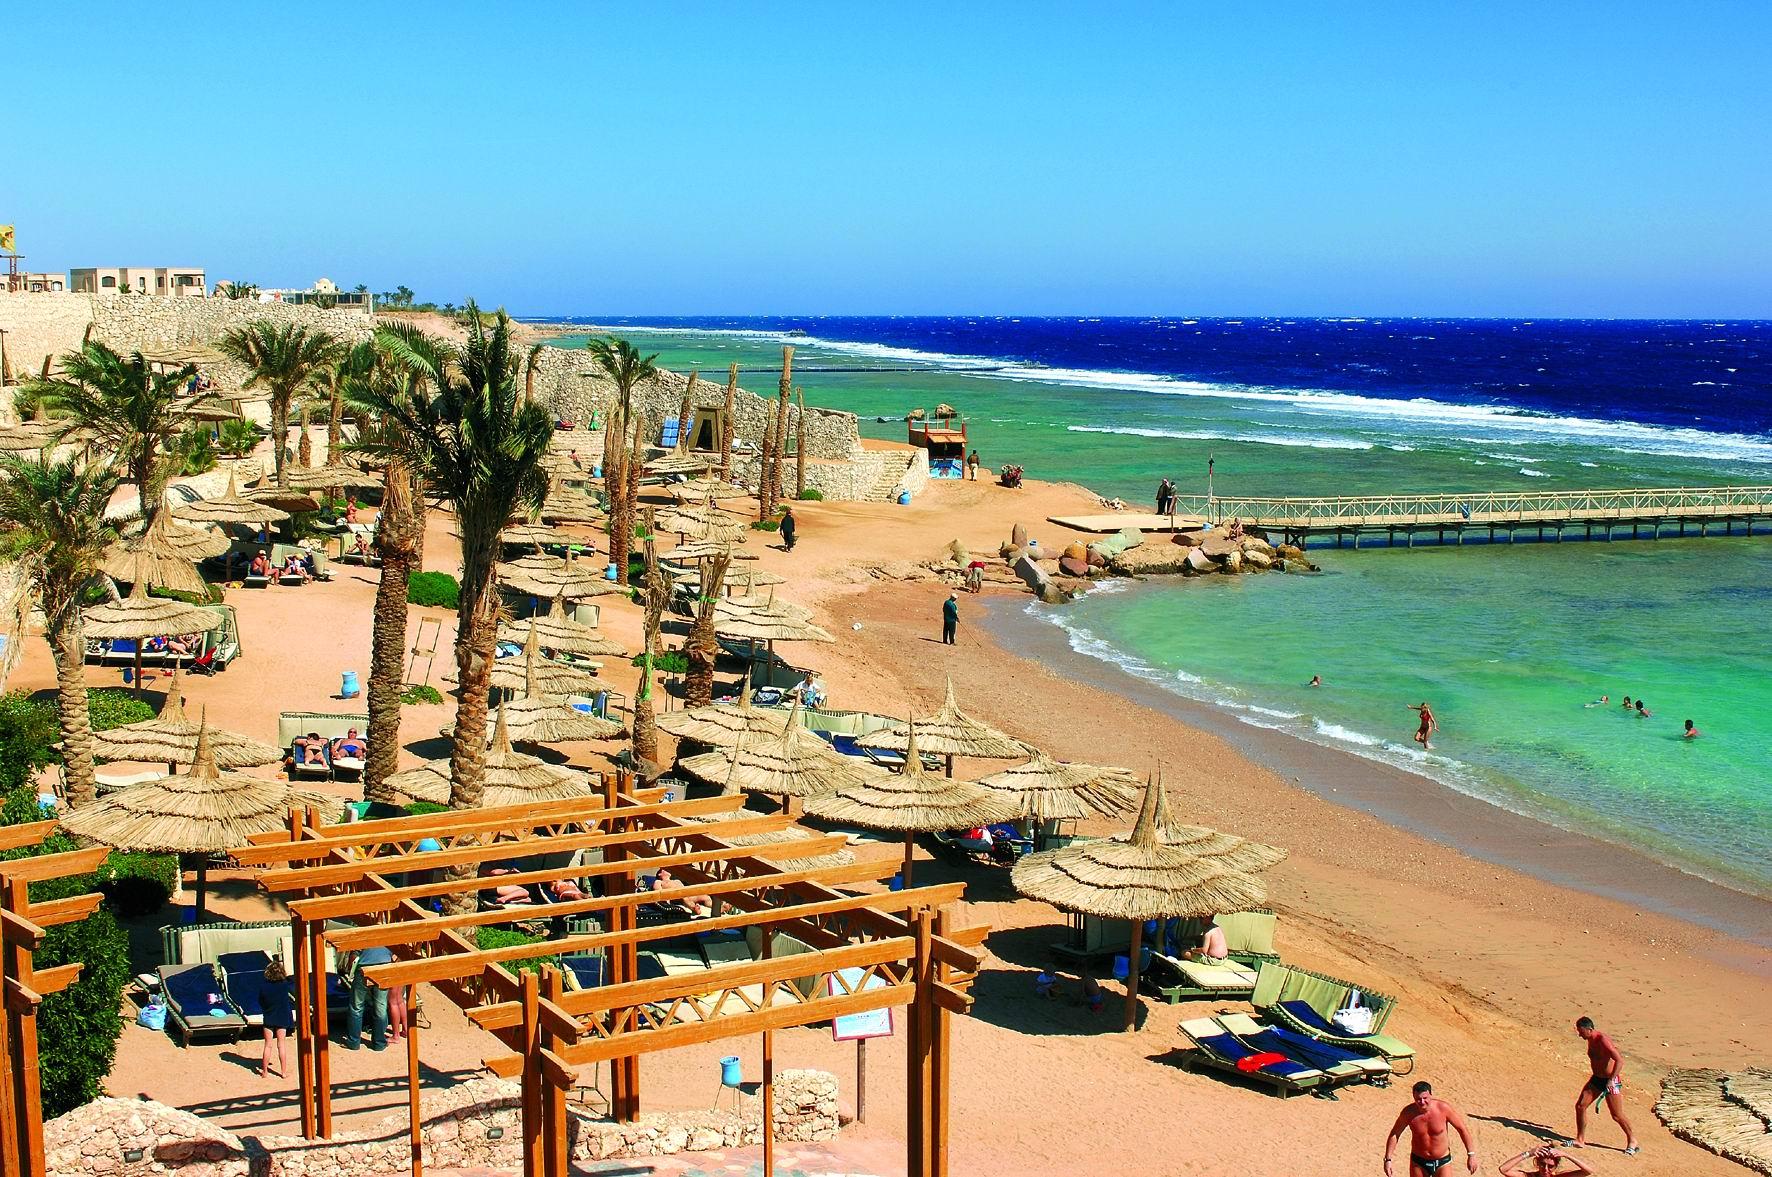 Отдыхать в Египте - одно удоволсьтвие